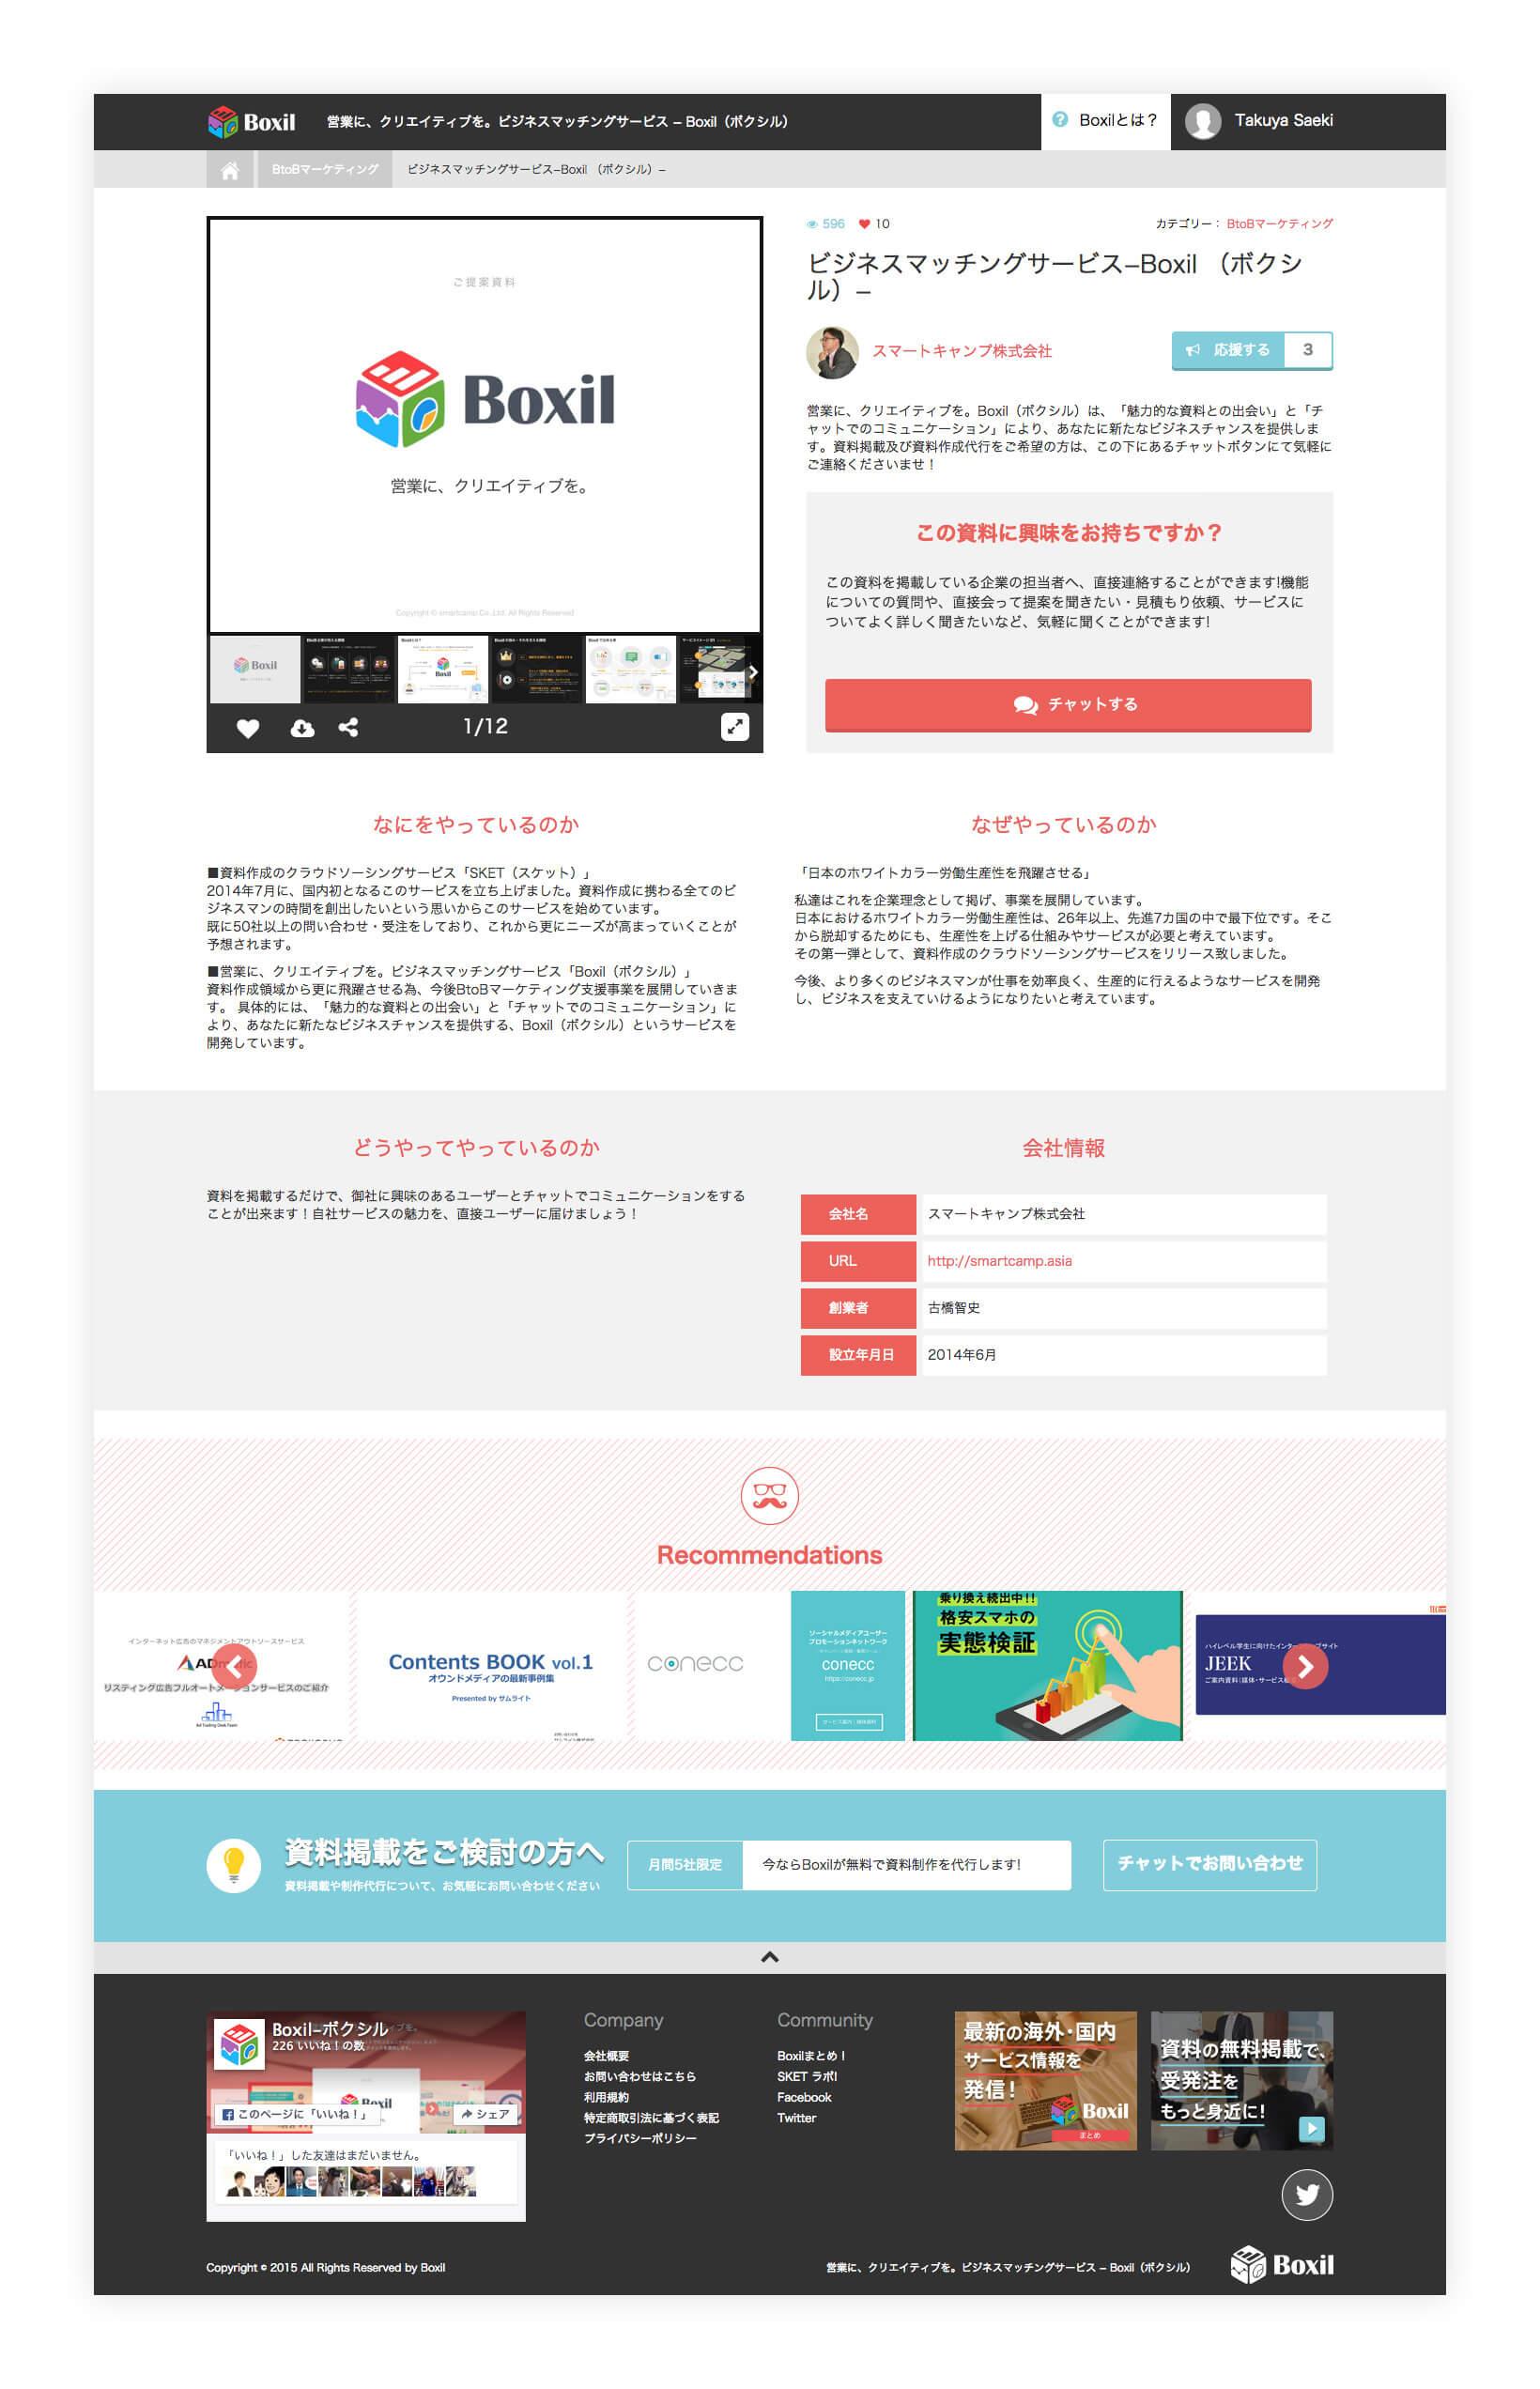 ビジネスマッチングサービス「Boxil」ウェブデザイン